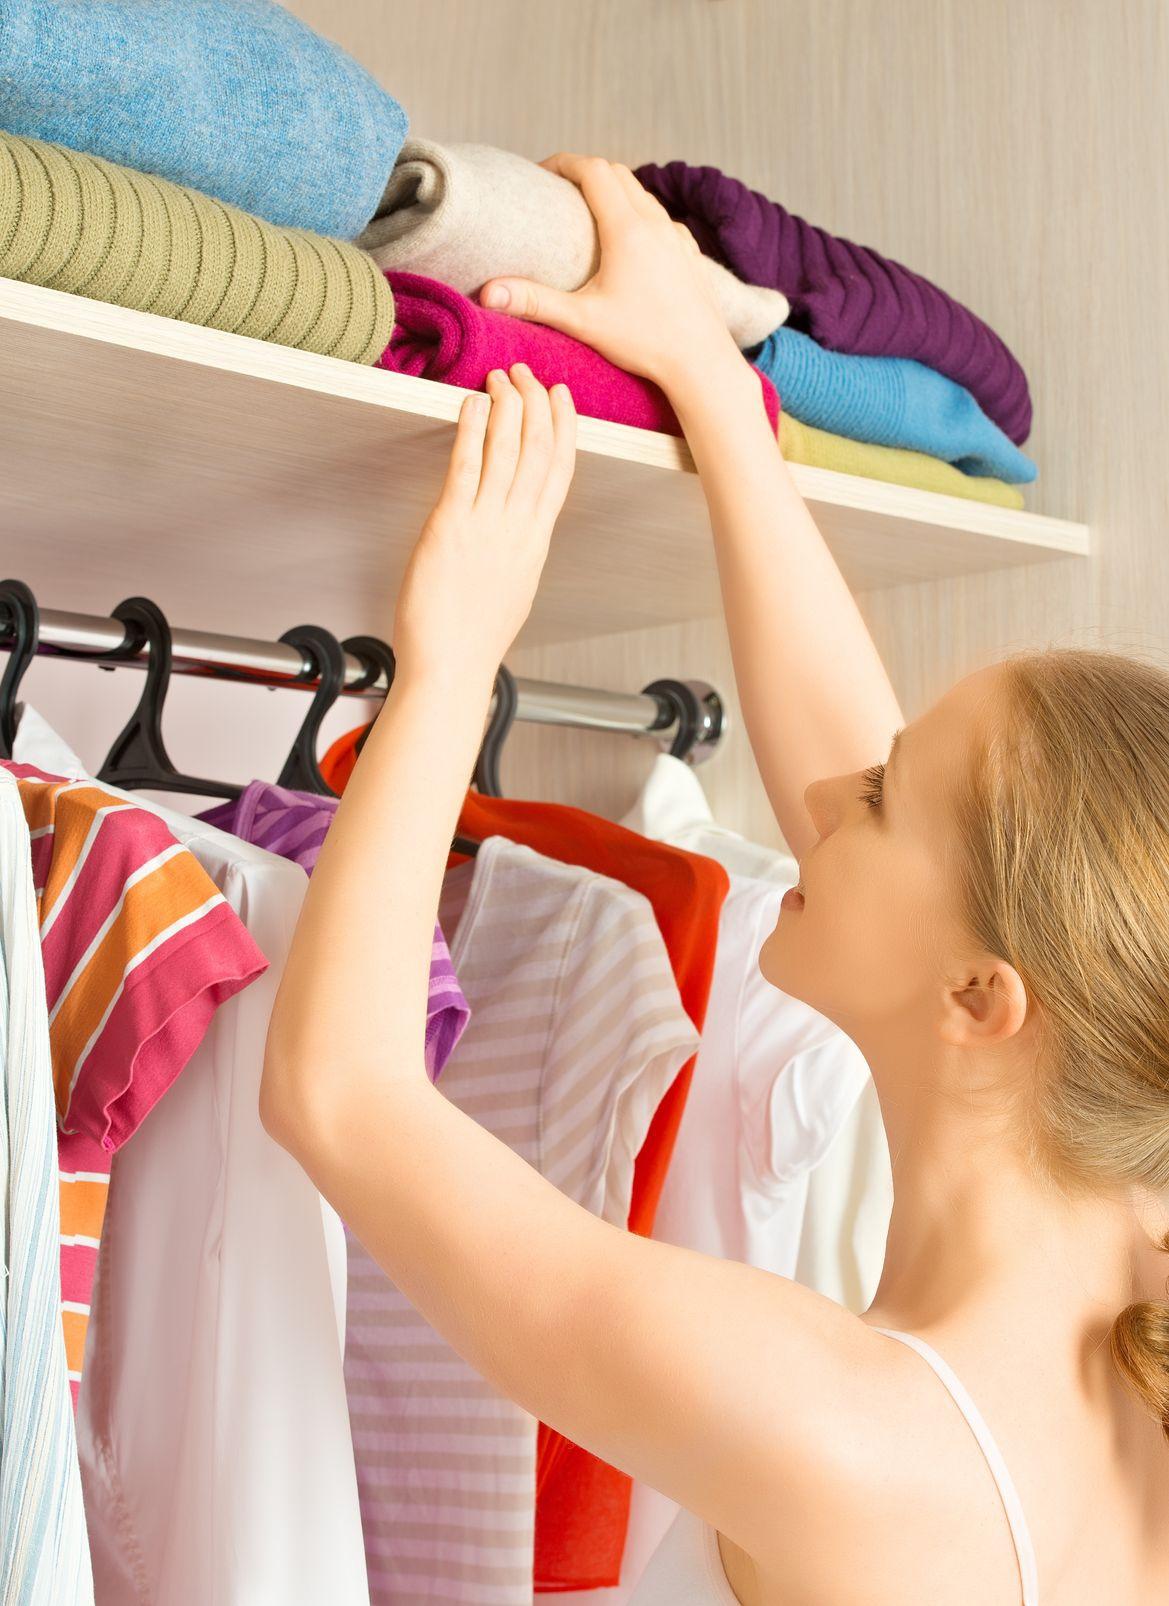 Dieuwke blogt week 1: slaapkamer en kledingkast opruimen